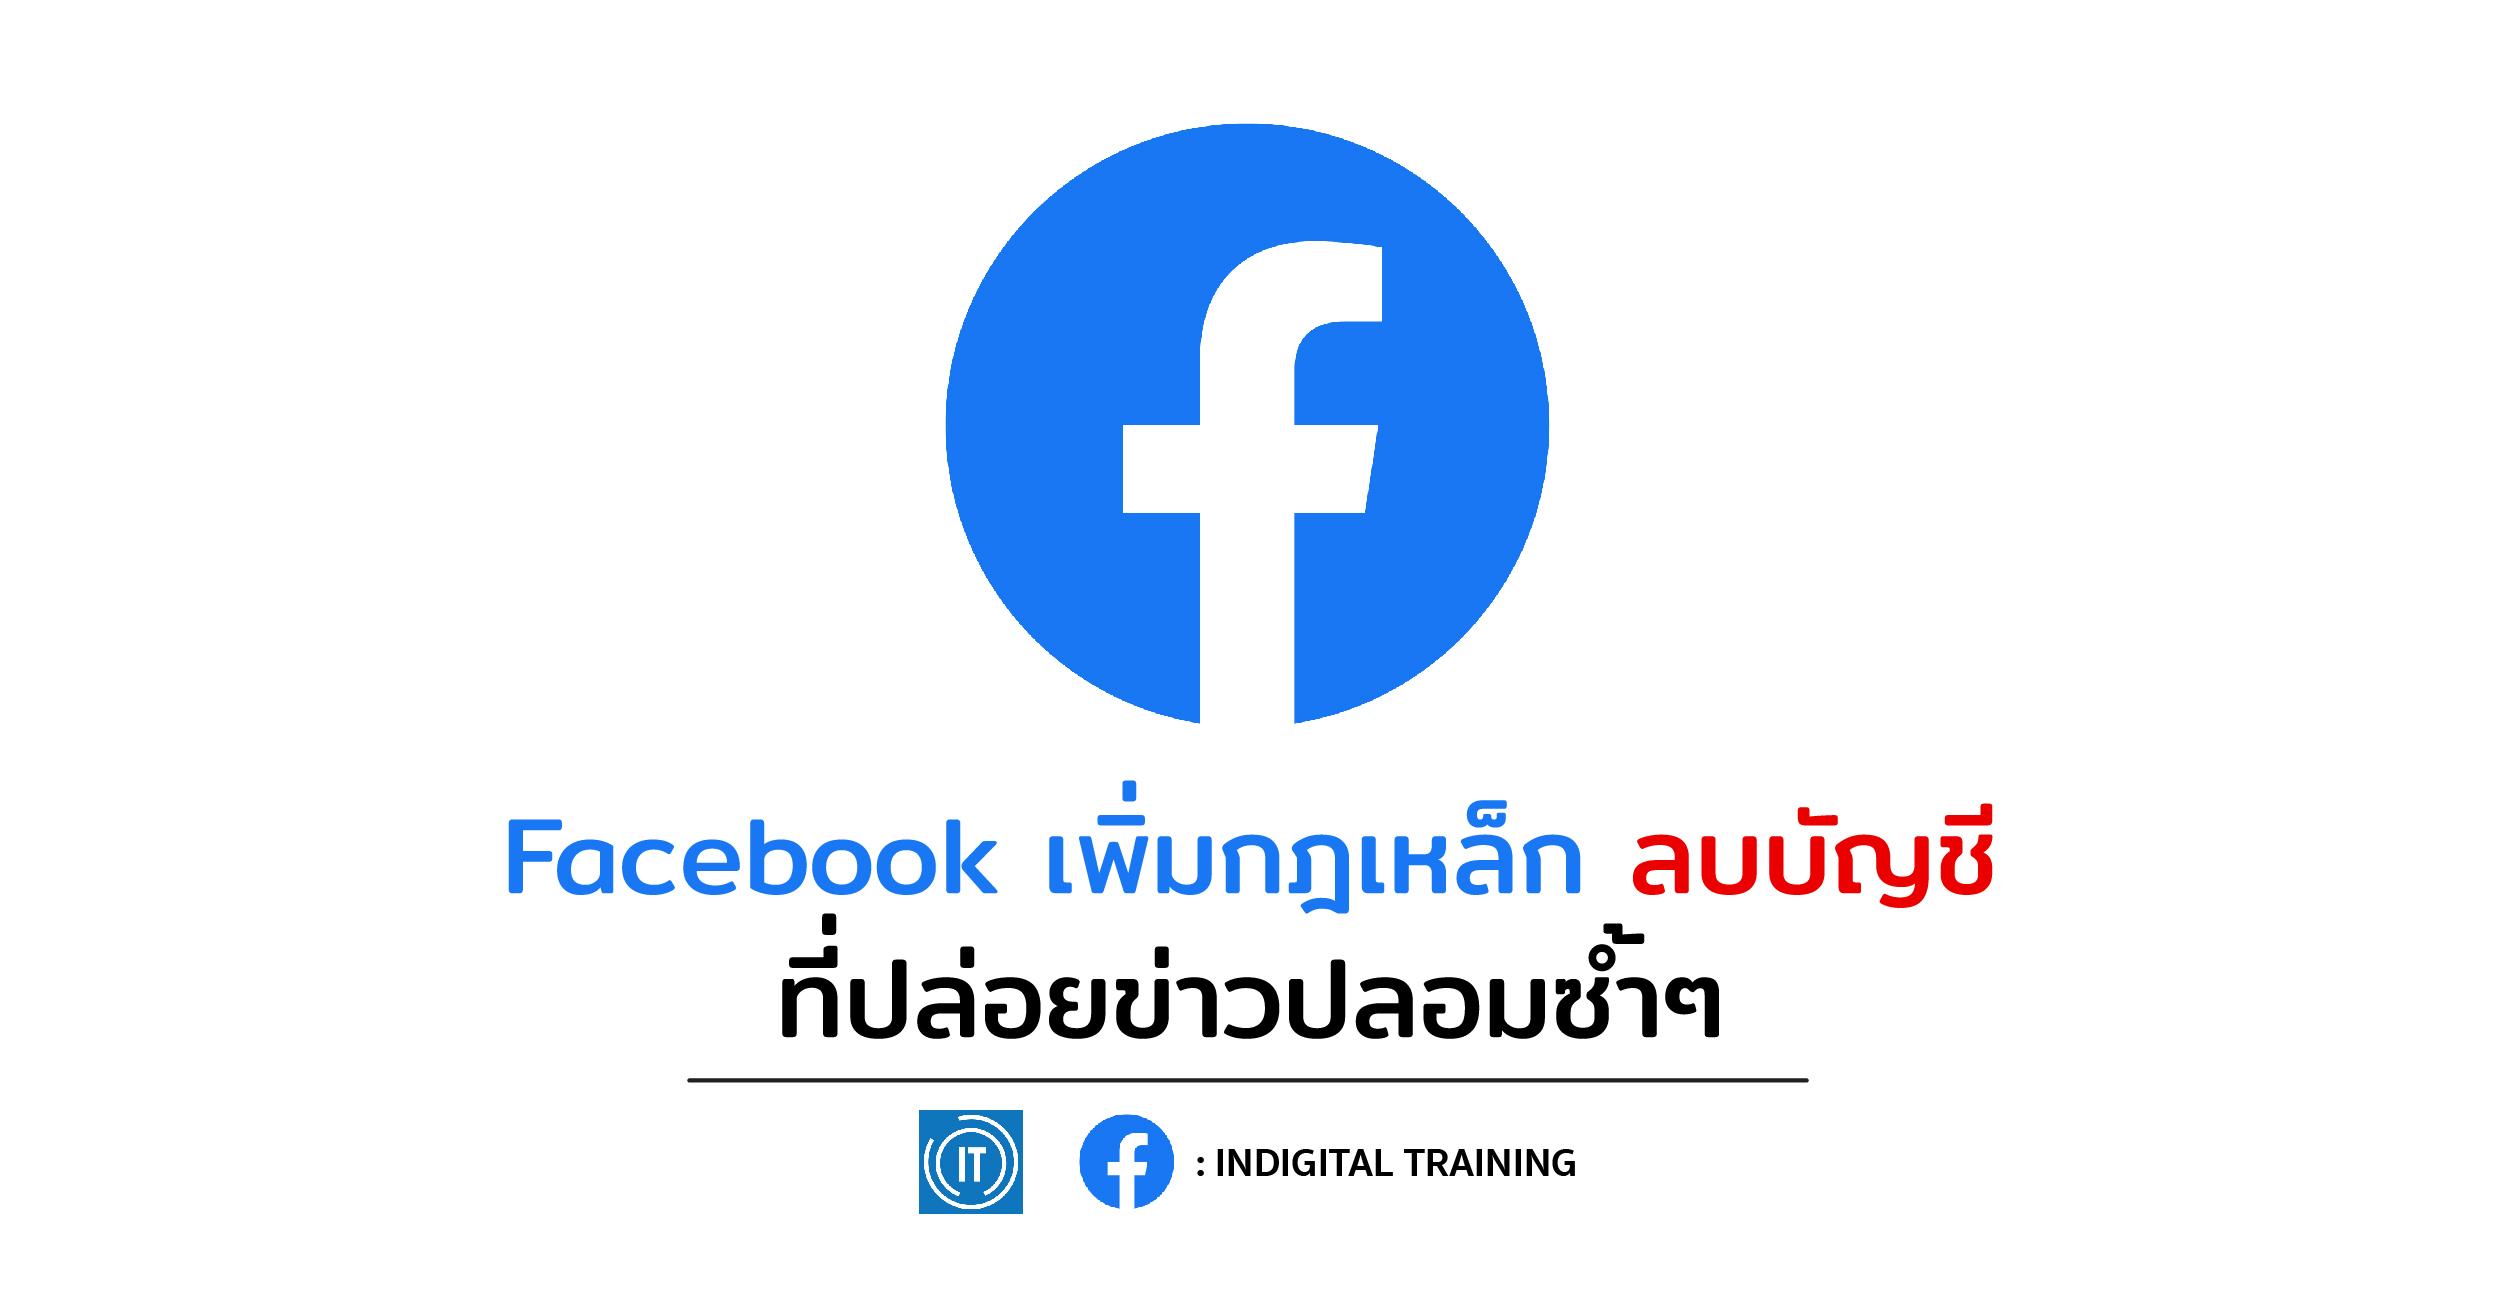 Facebook เพิ่มกฎเหล็ก ลบบัญชี ที่ปล่อยข่าวปลอมซ้ำๆ